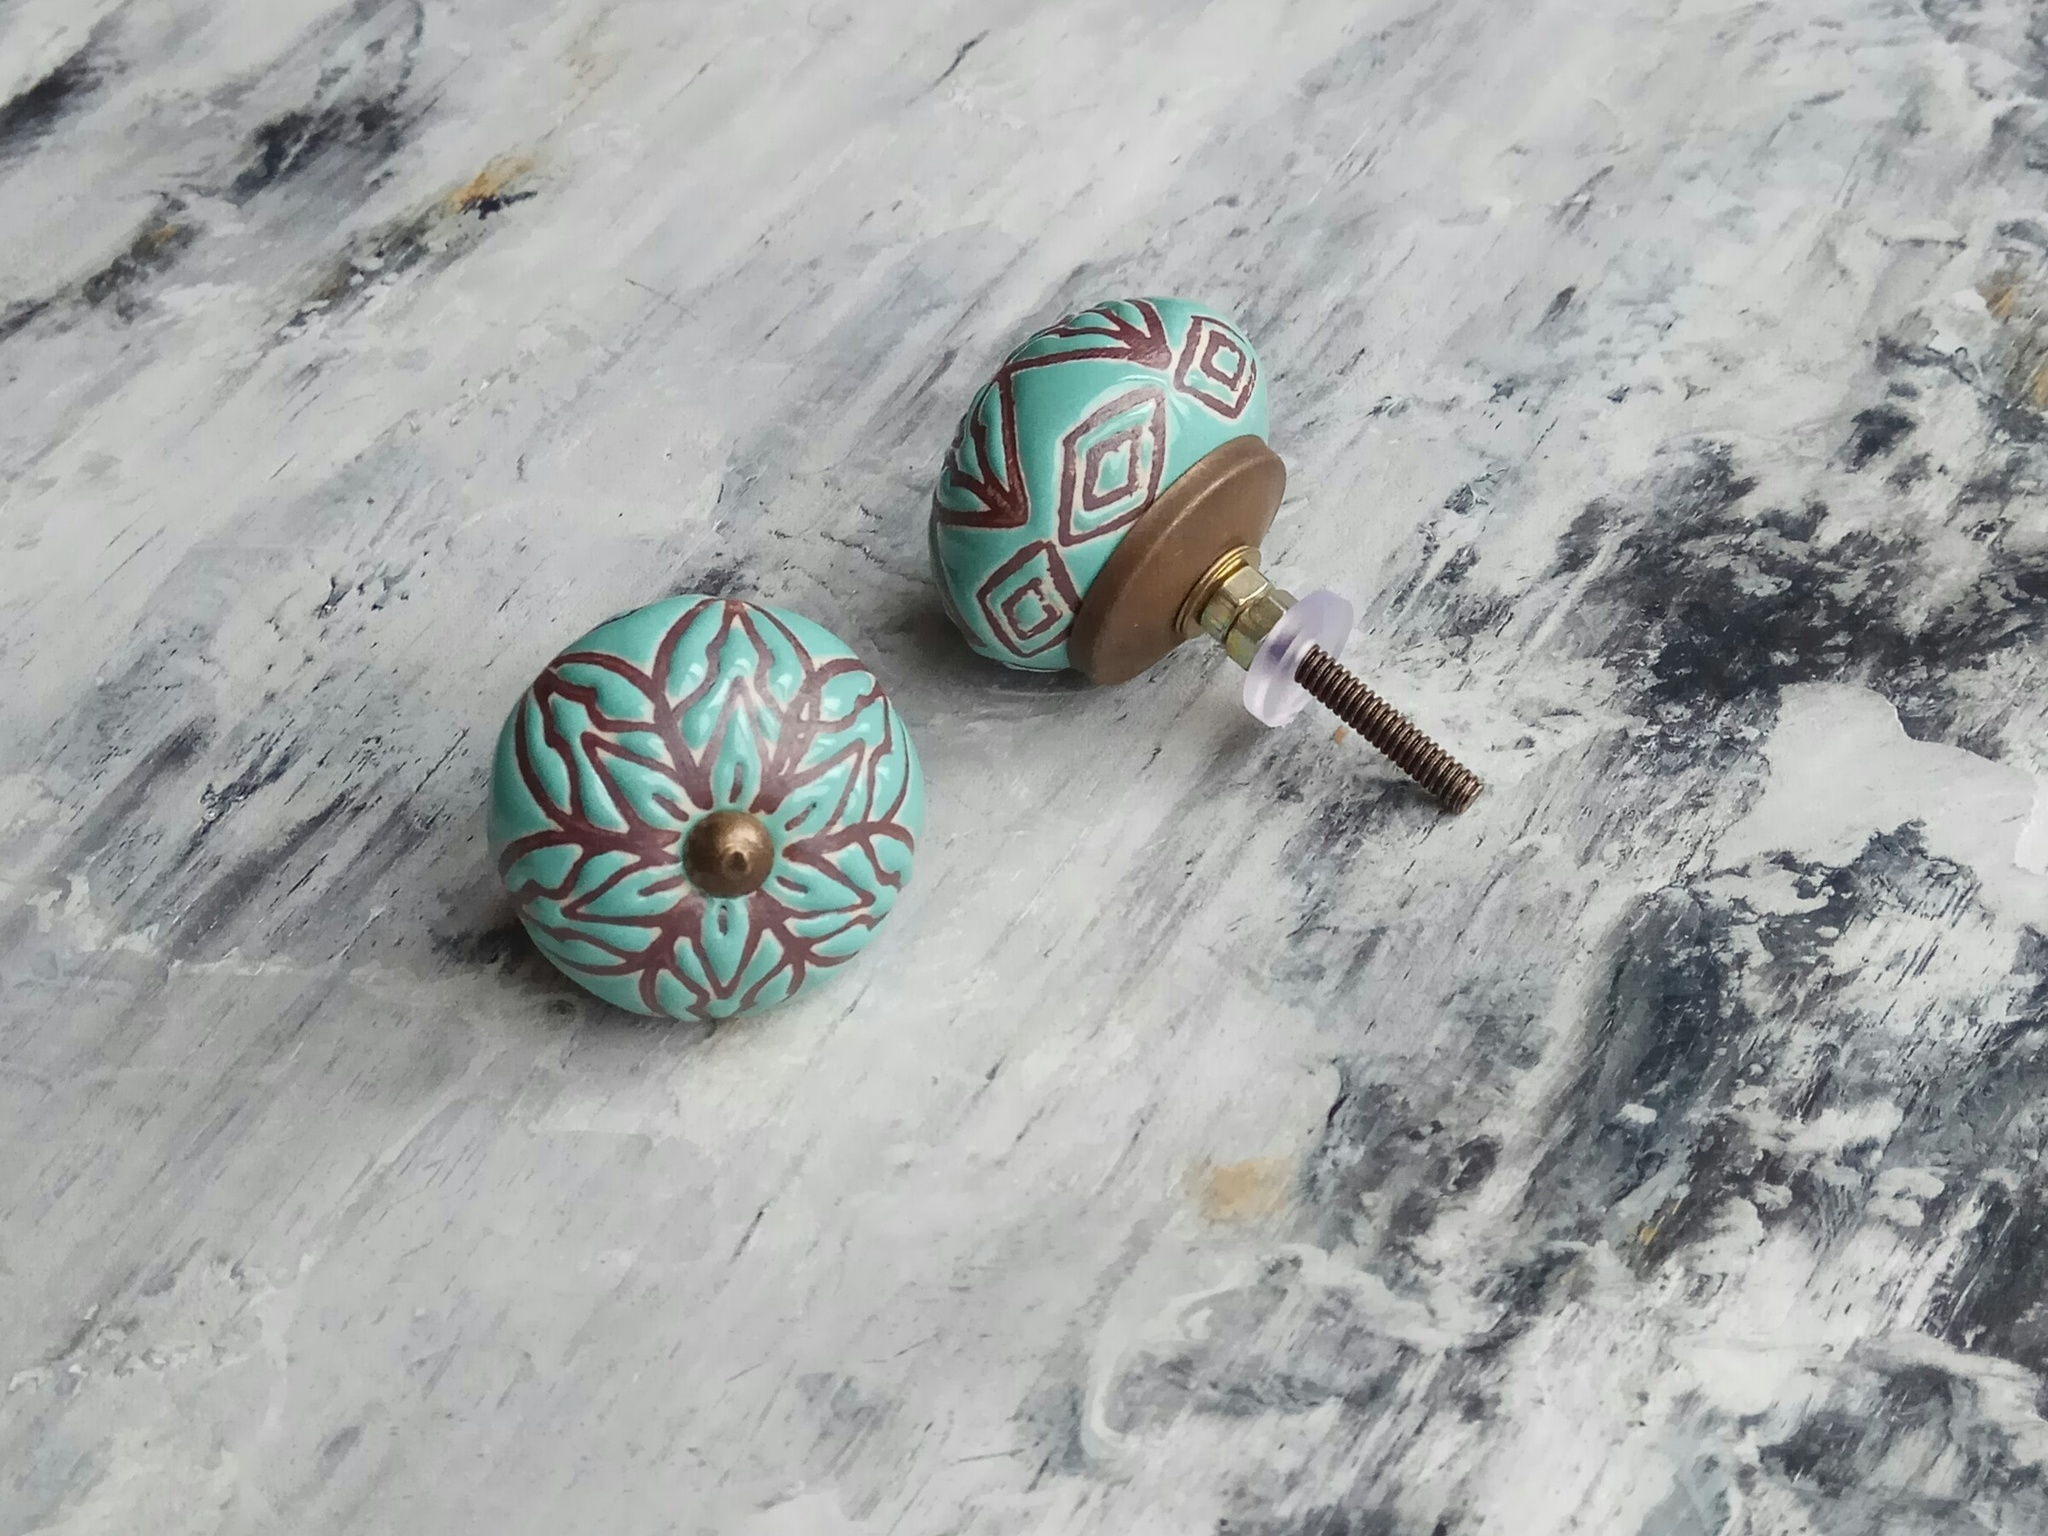 Ручка мебельная керамическая  - цвета морской волны с графическим орнаментом, арт. 00001033